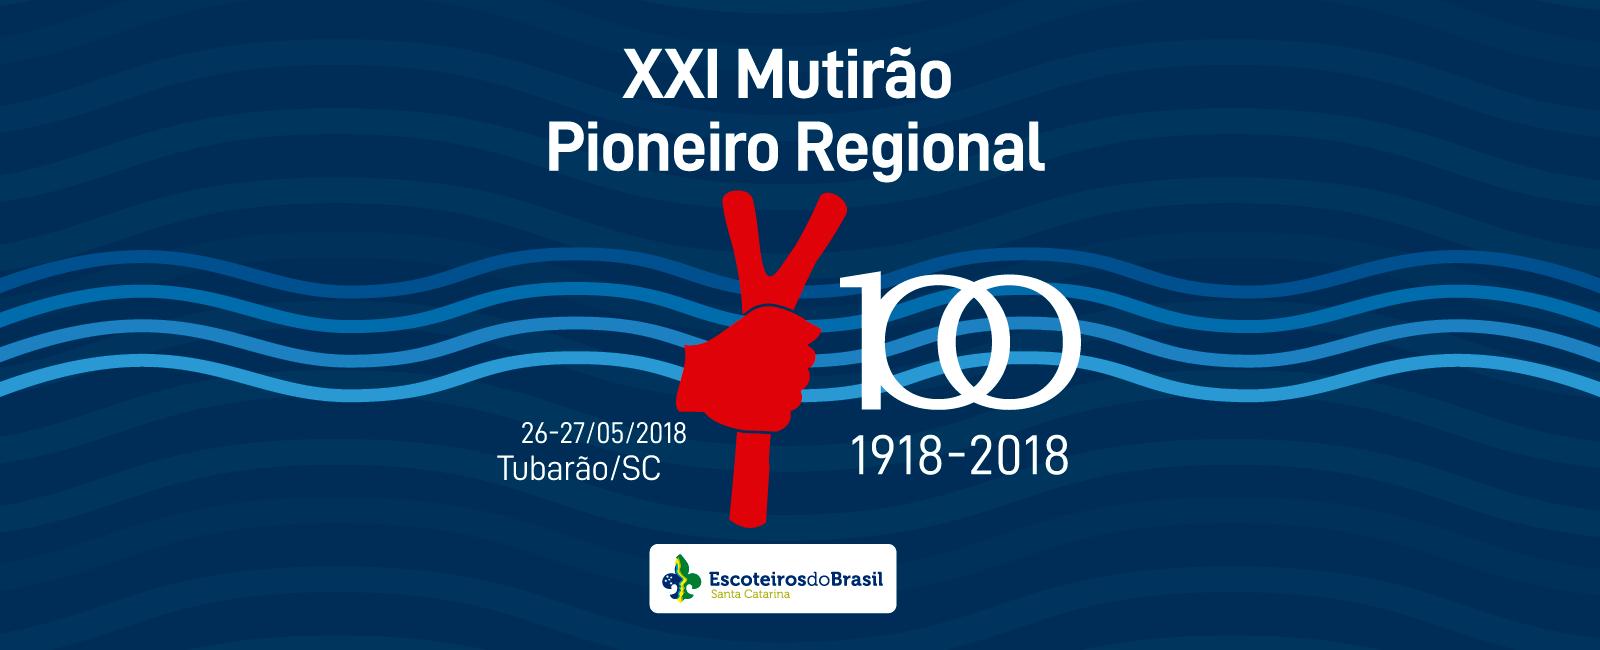 XXI Mutirão Regional Pioneiro